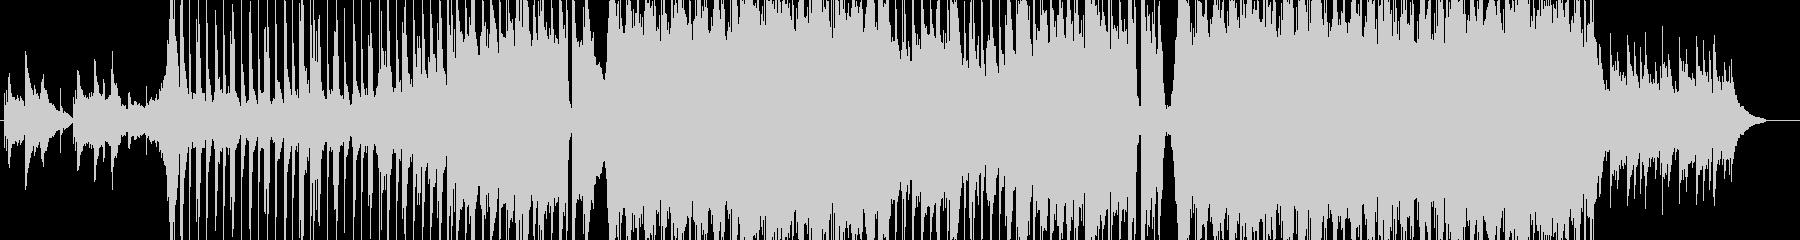 壮大なピアノバラードの未再生の波形